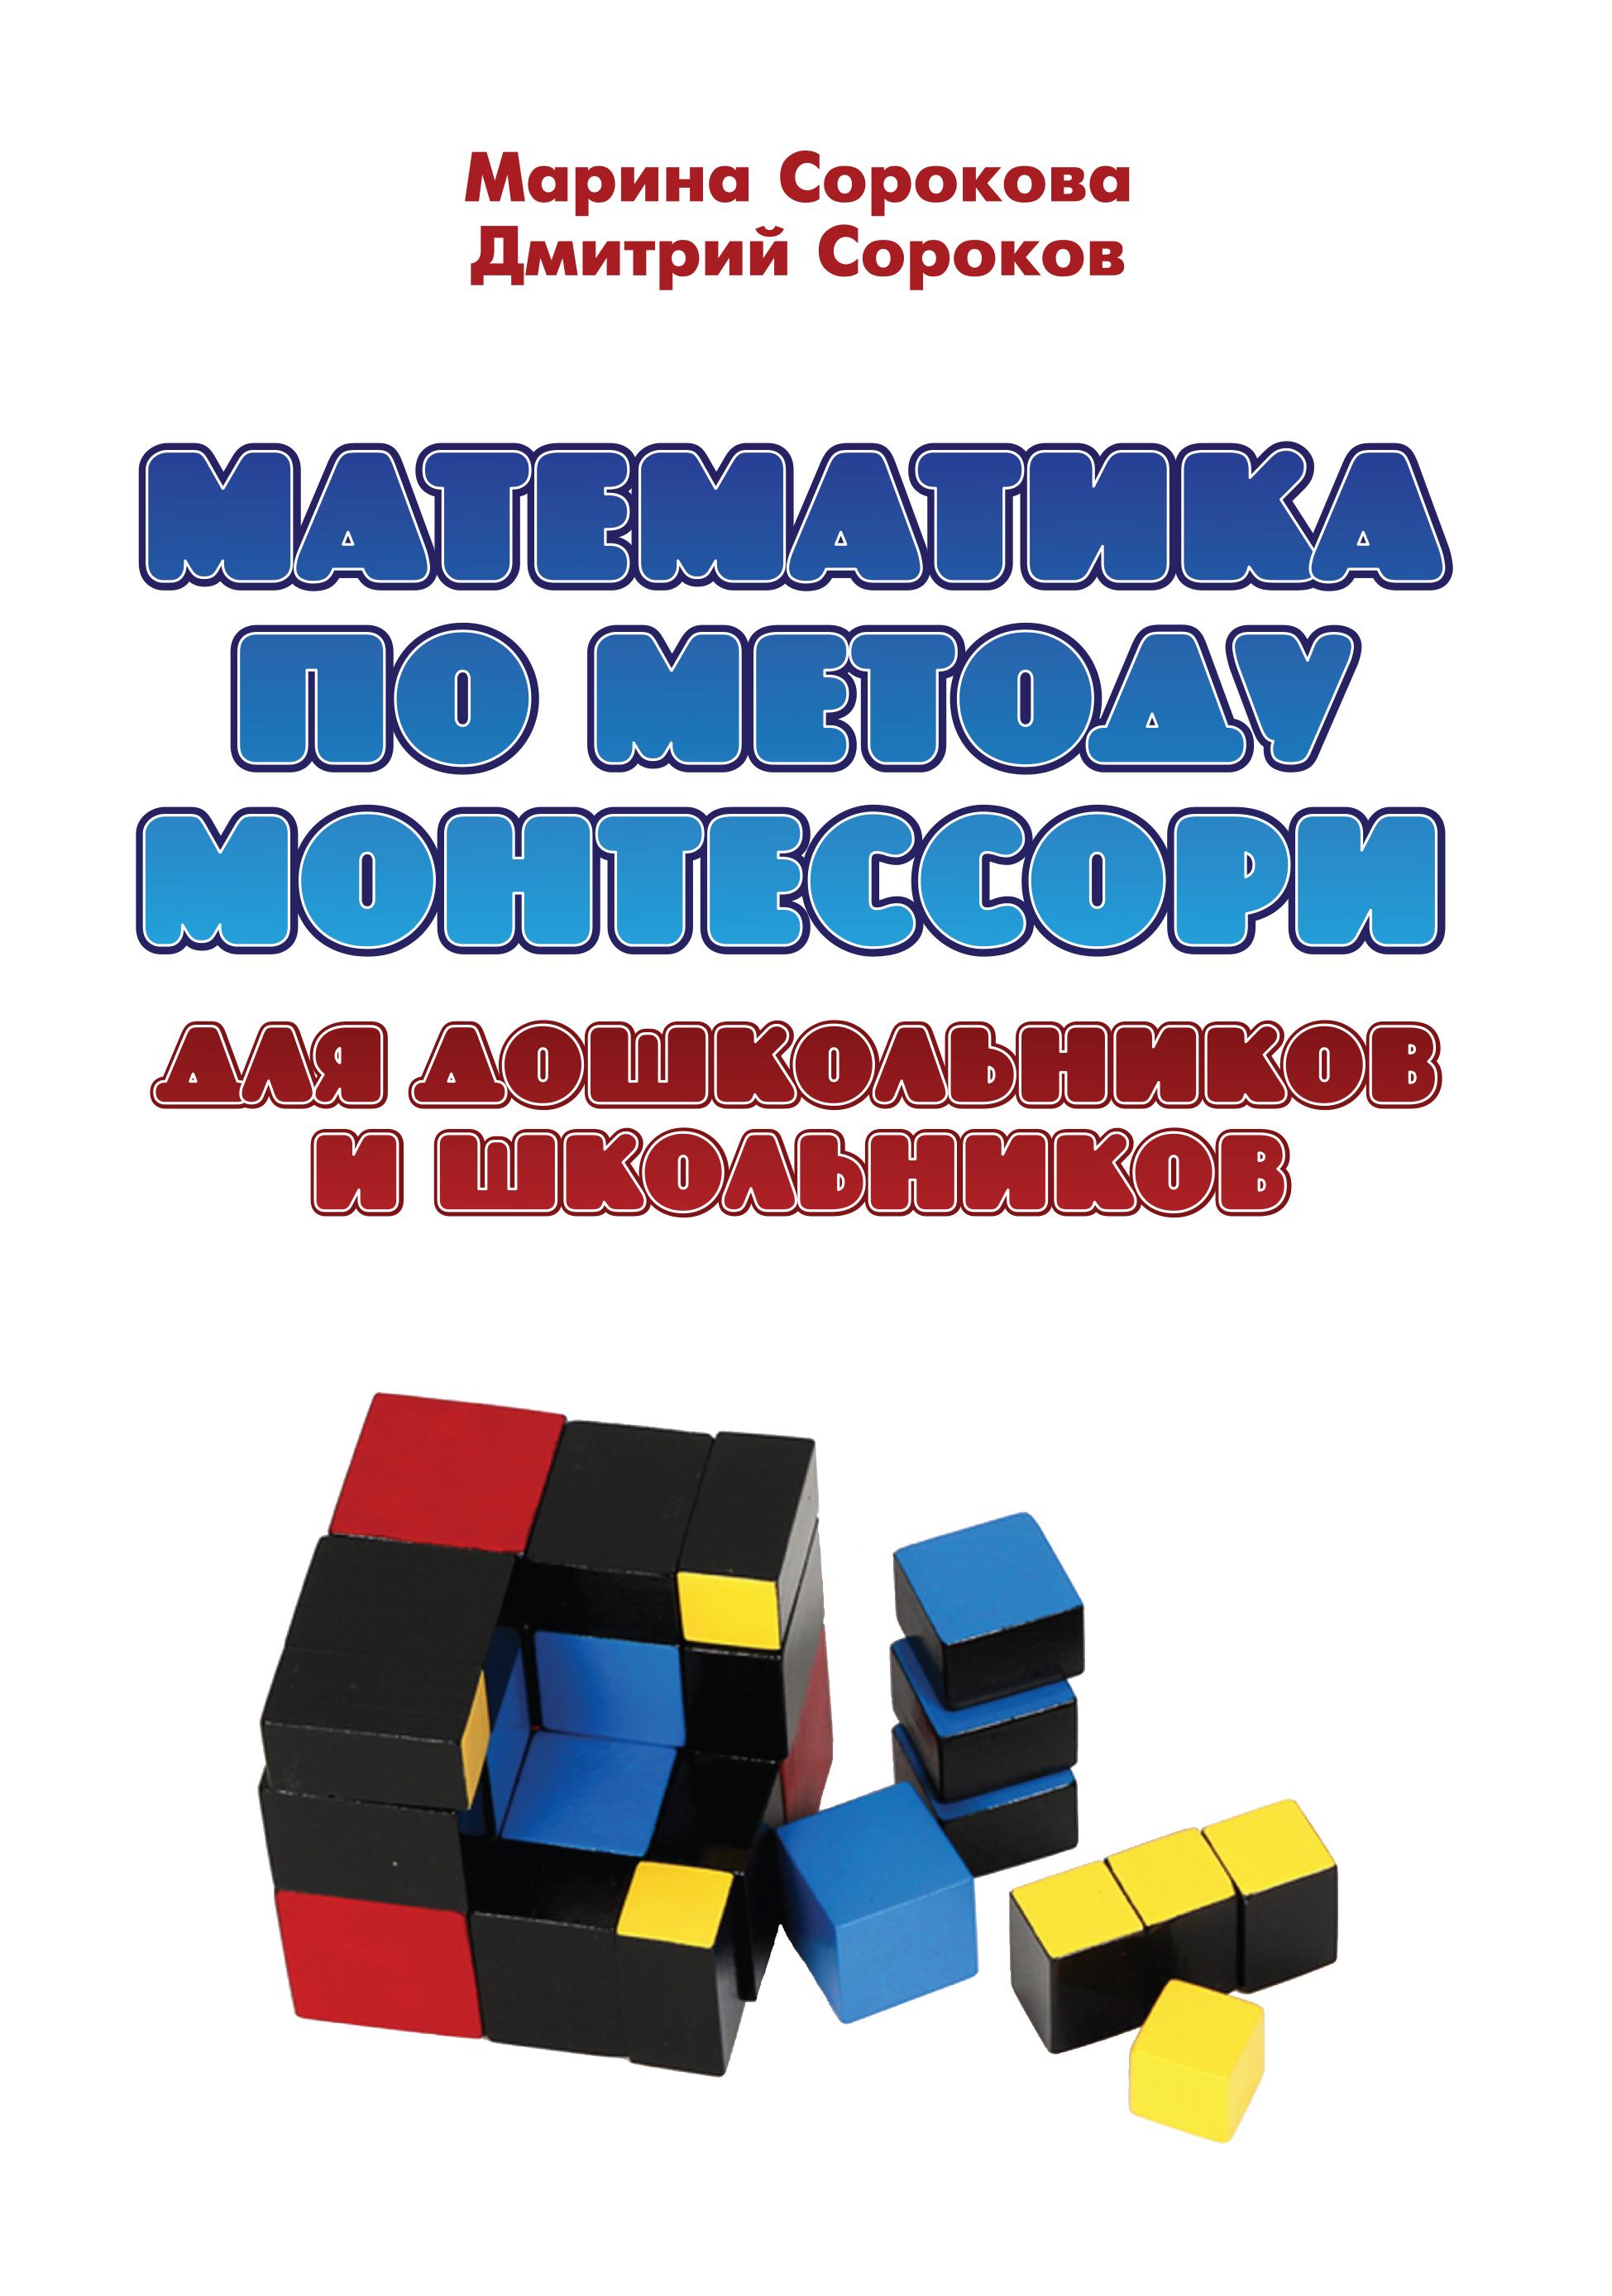 Д. Г. Сороков Математика по методу Монтессори для дошкольников и школьников мария монтессори юлия фаусек математика по методу м монтессори для детей 5 8 лет